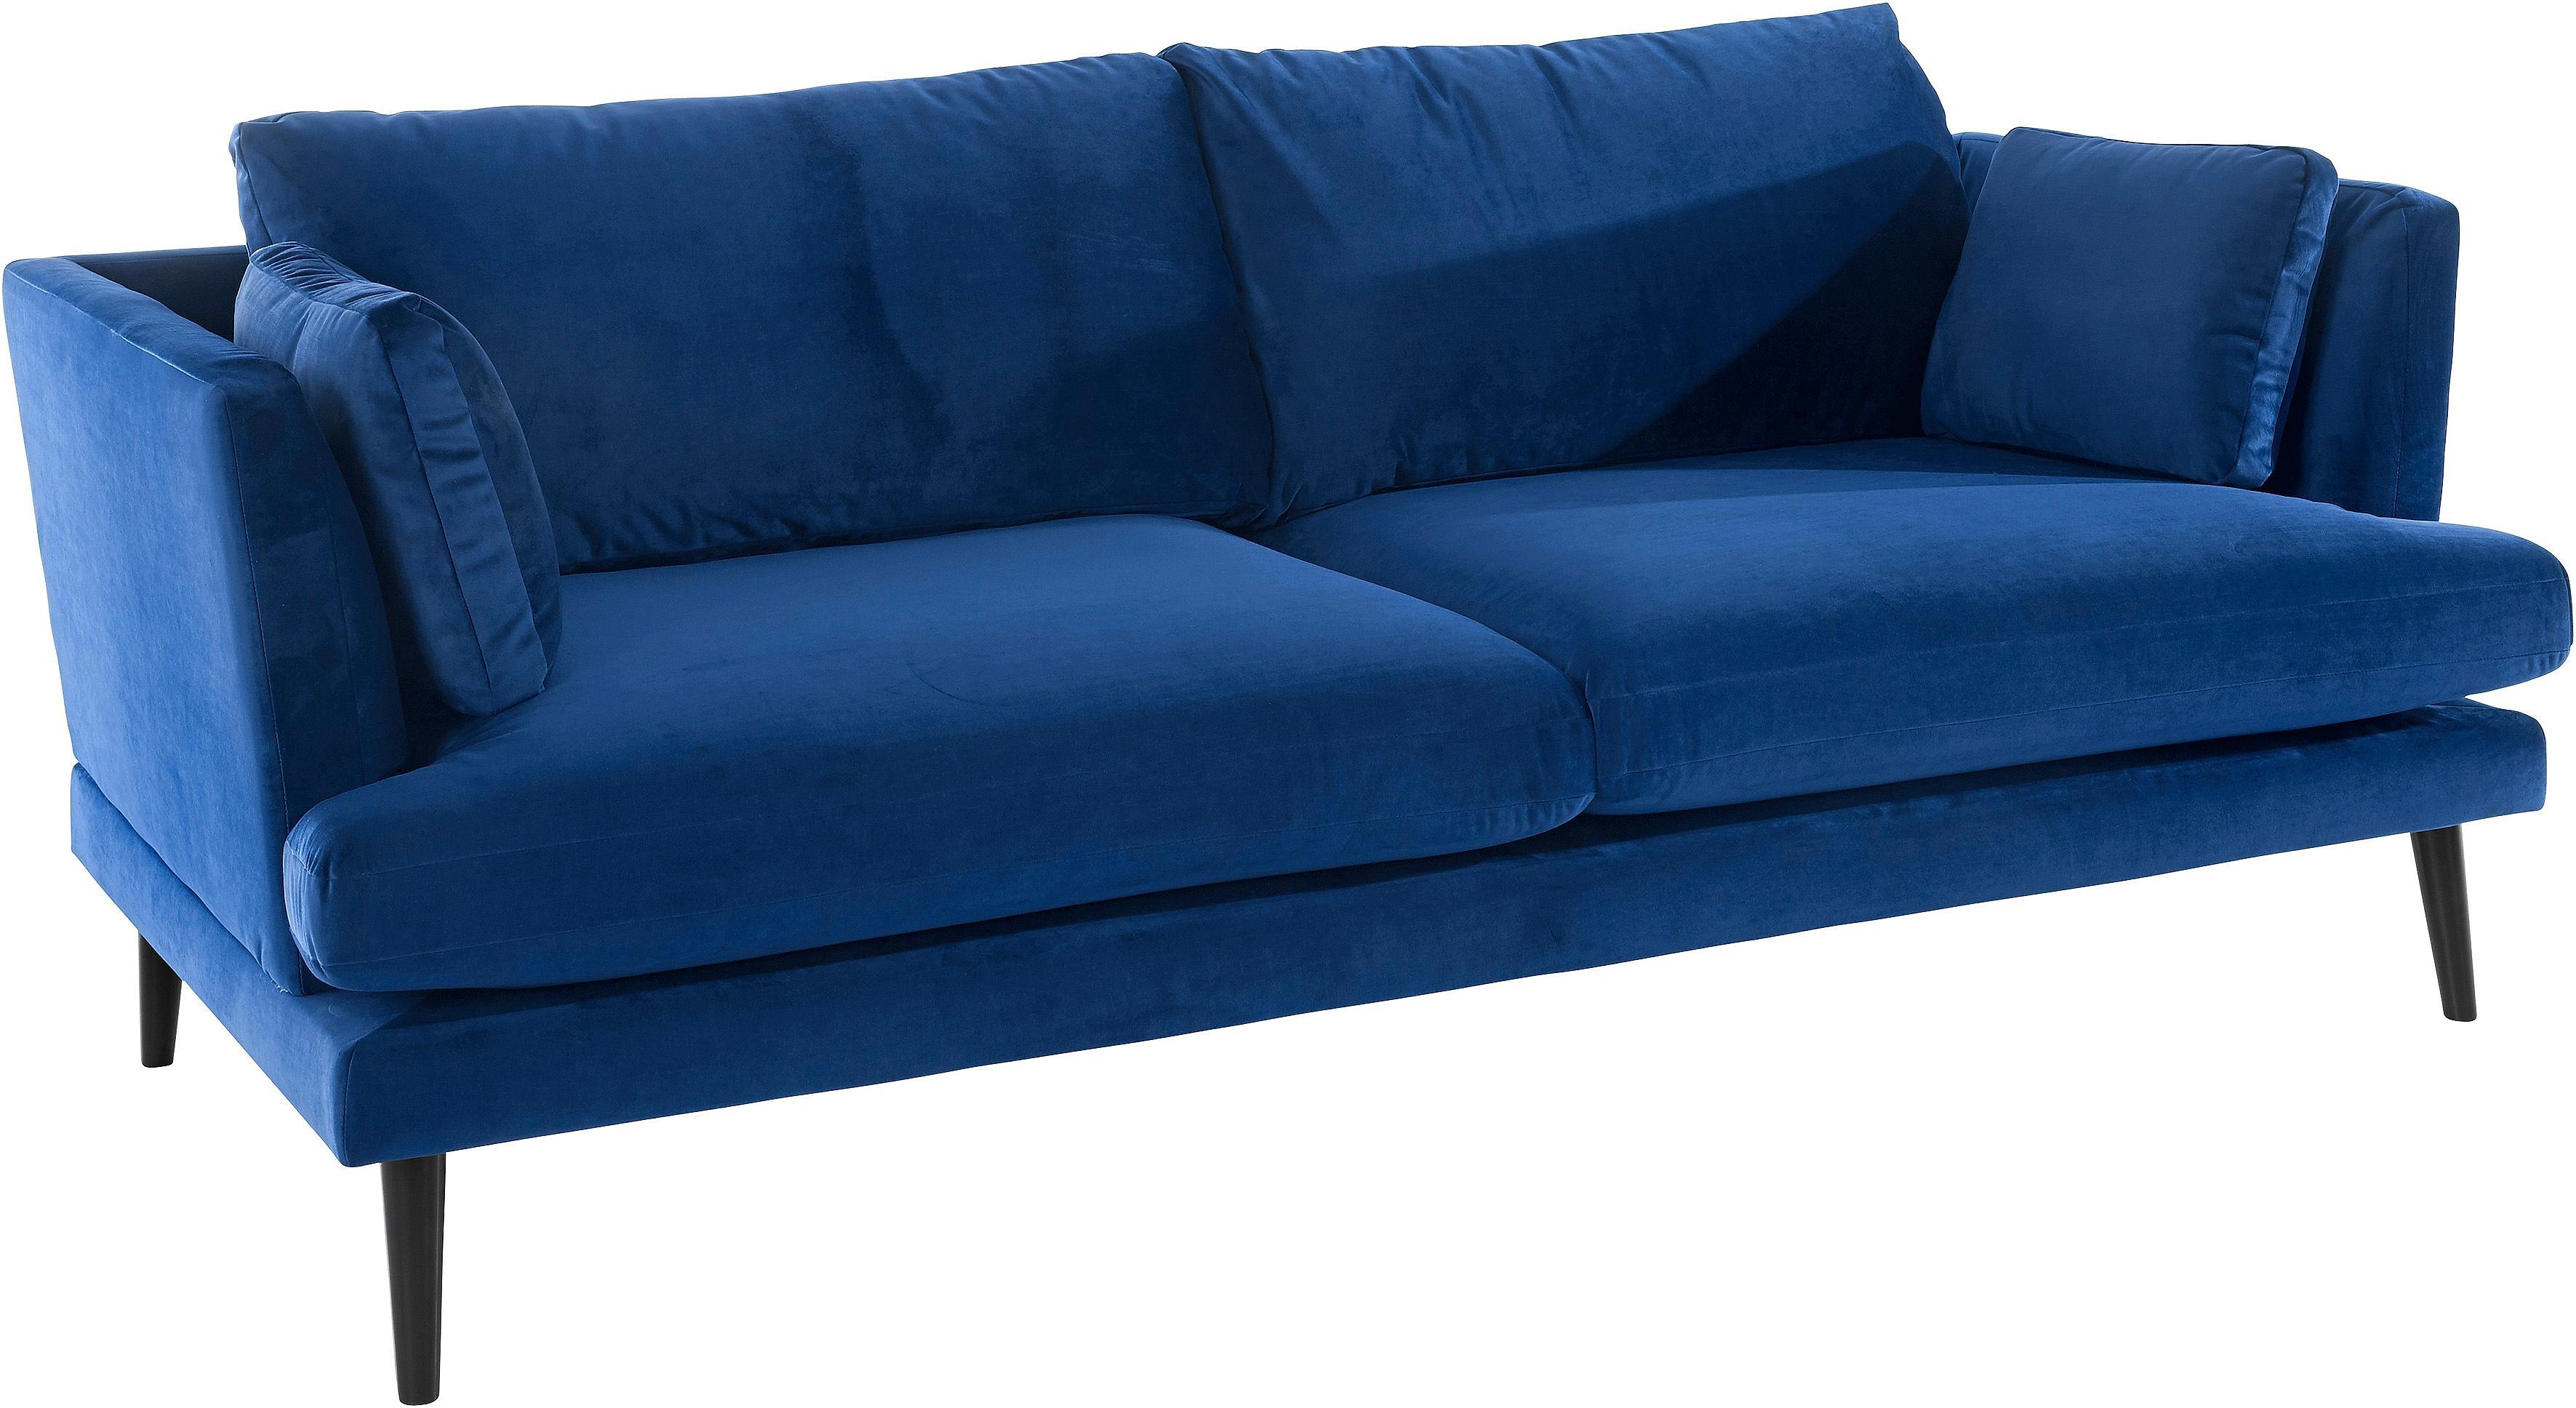 Wohnzimmer 2 Und Sofas Couches Online Kaufen Möbel